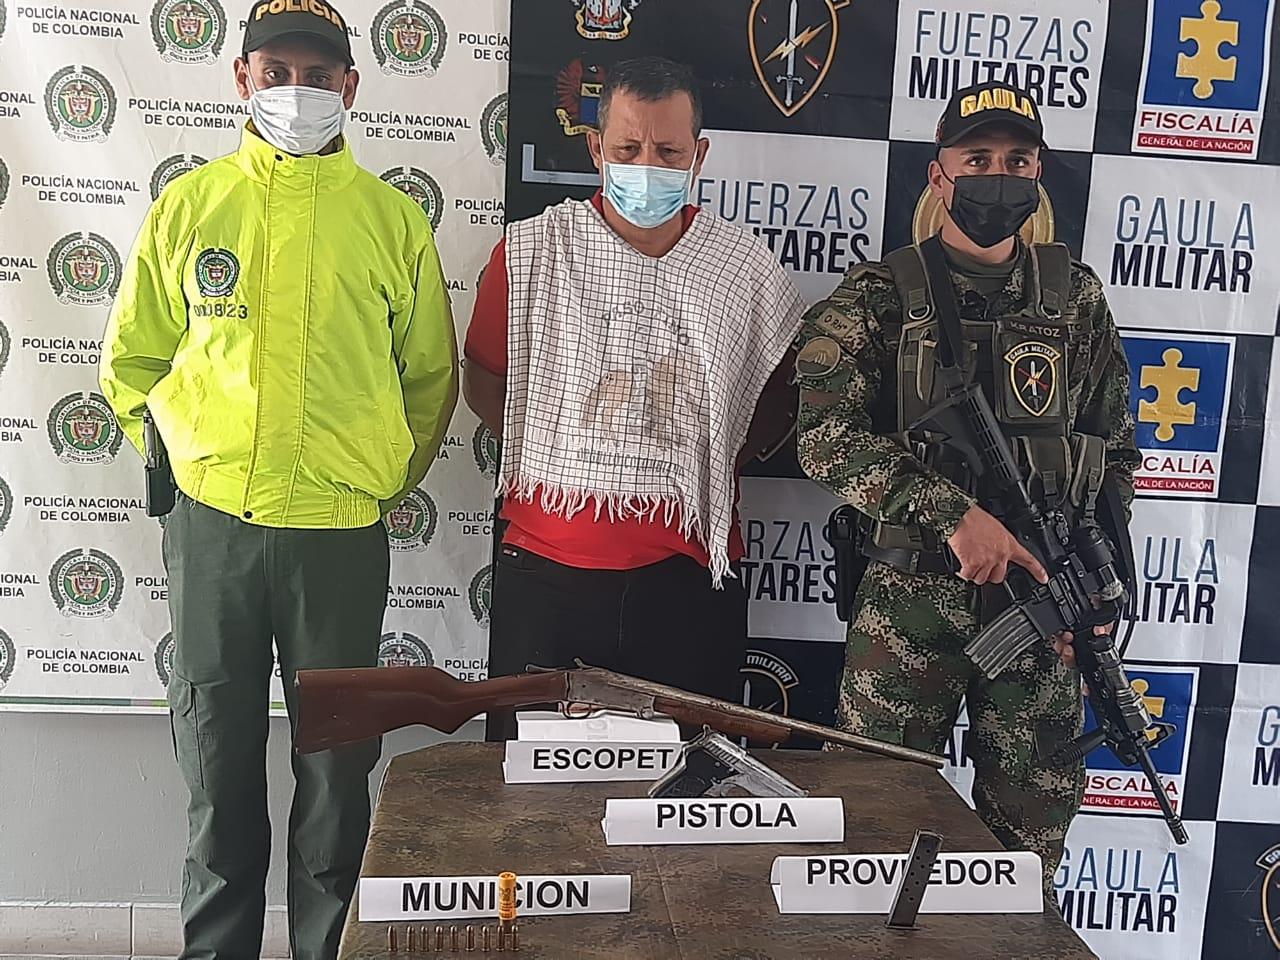 Caen traficantes de armas en el Tolima 4